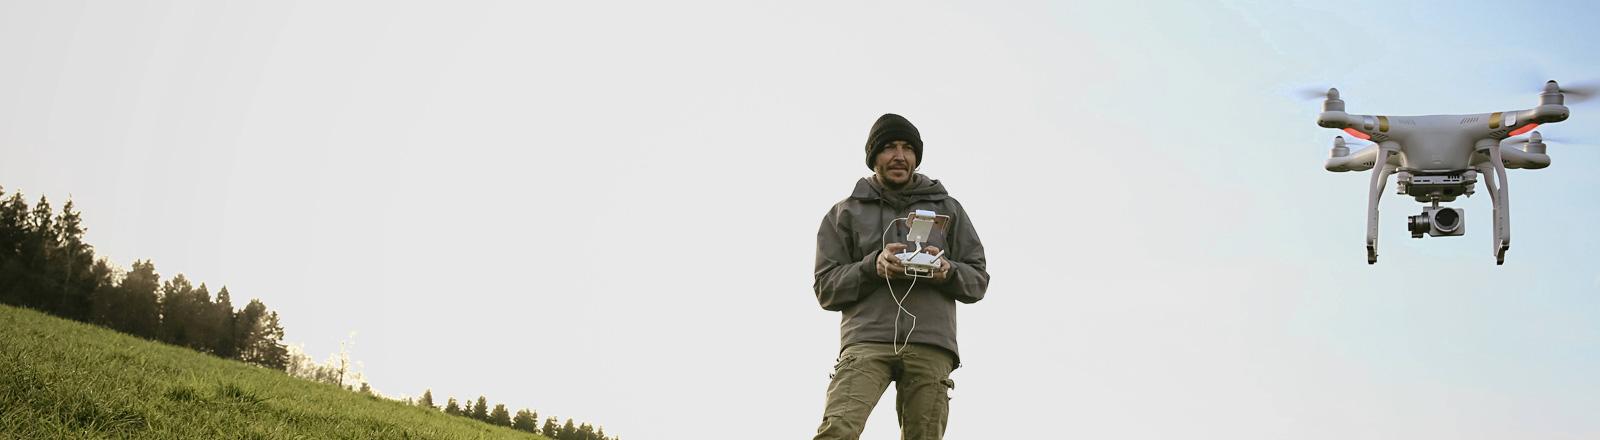 Ein Mann steht auf einer Wiese, er steuert eine Drohne. Der Mann trägt eine dicke Jacke und Mütze.